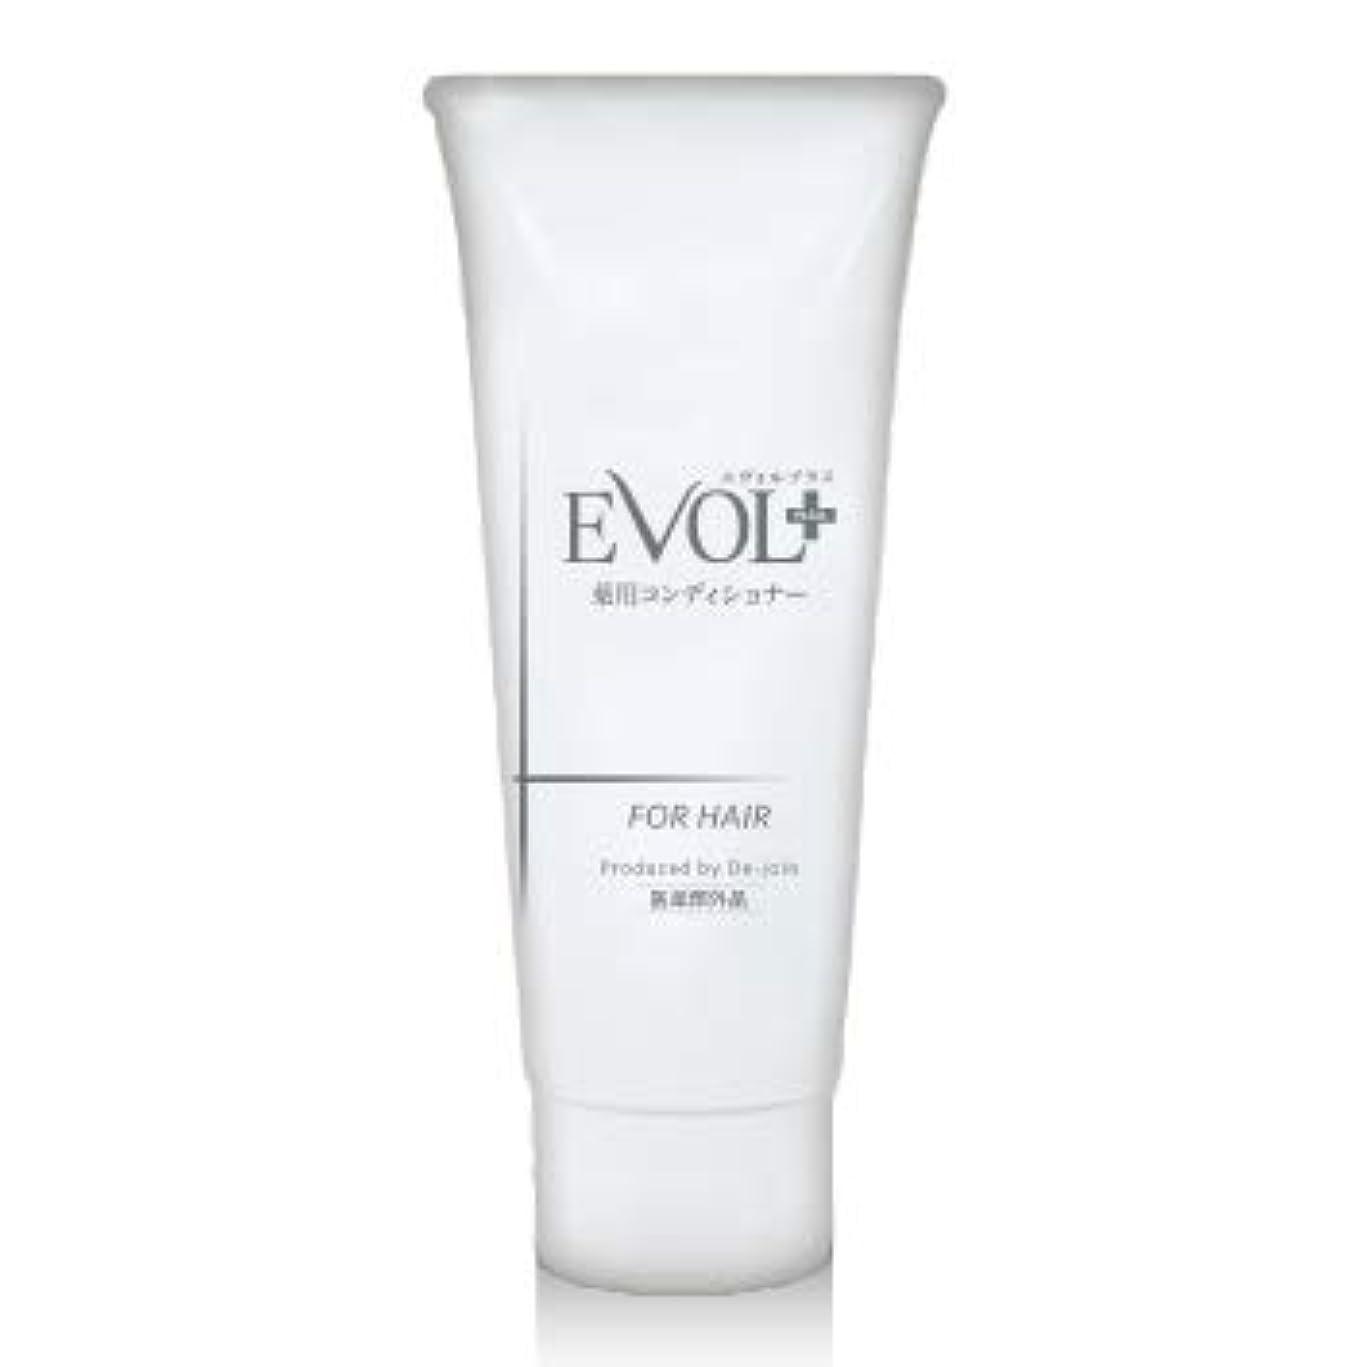 格差モンゴメリー彼女自身EVOL+(エヴォルプラス)薬用育毛コンディショナー お得なコース